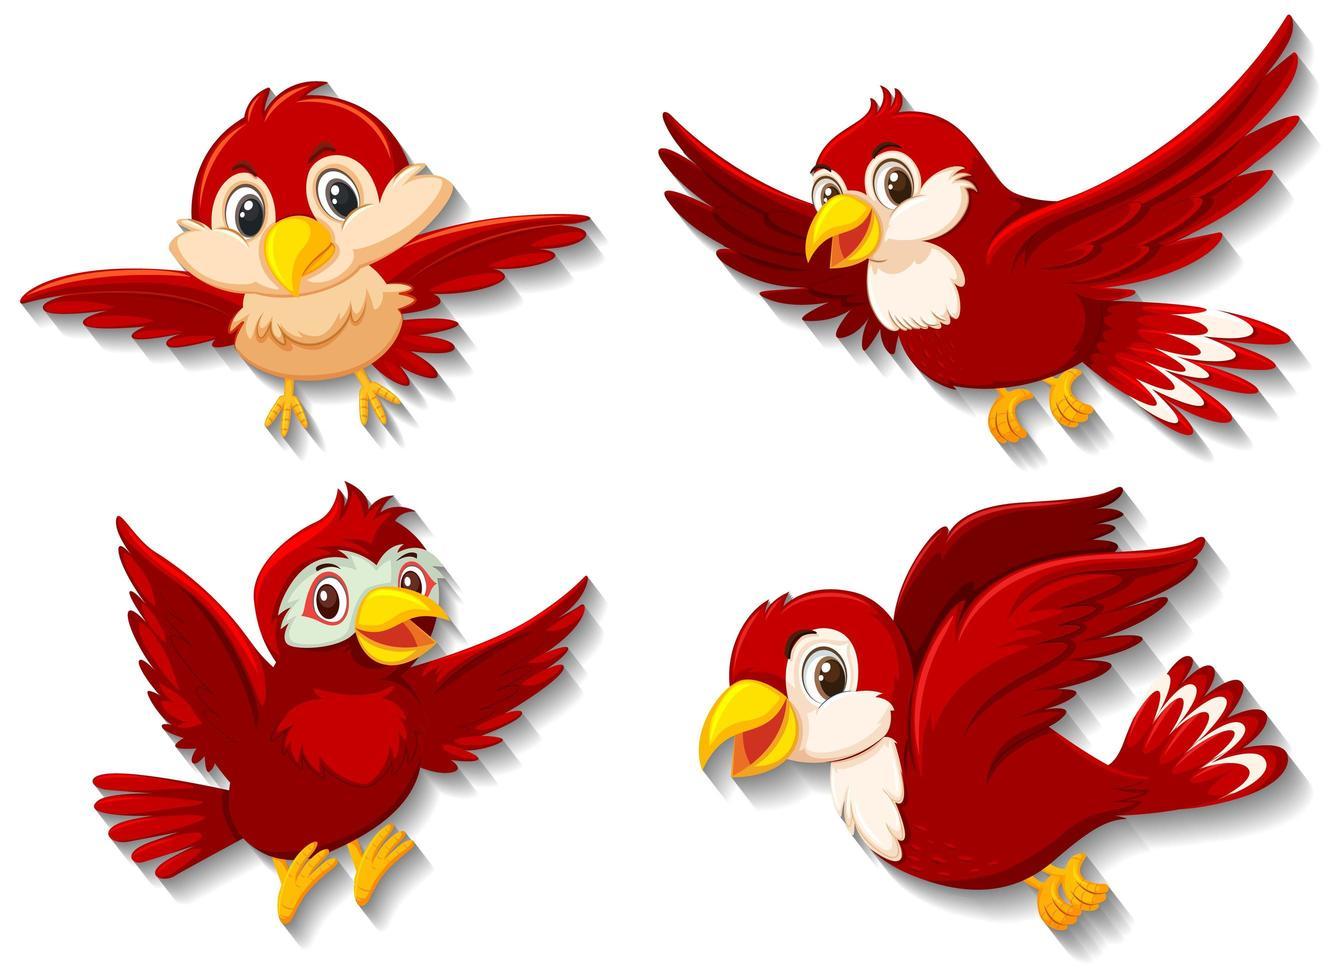 personaje de dibujos animados de pájaro rojo vector